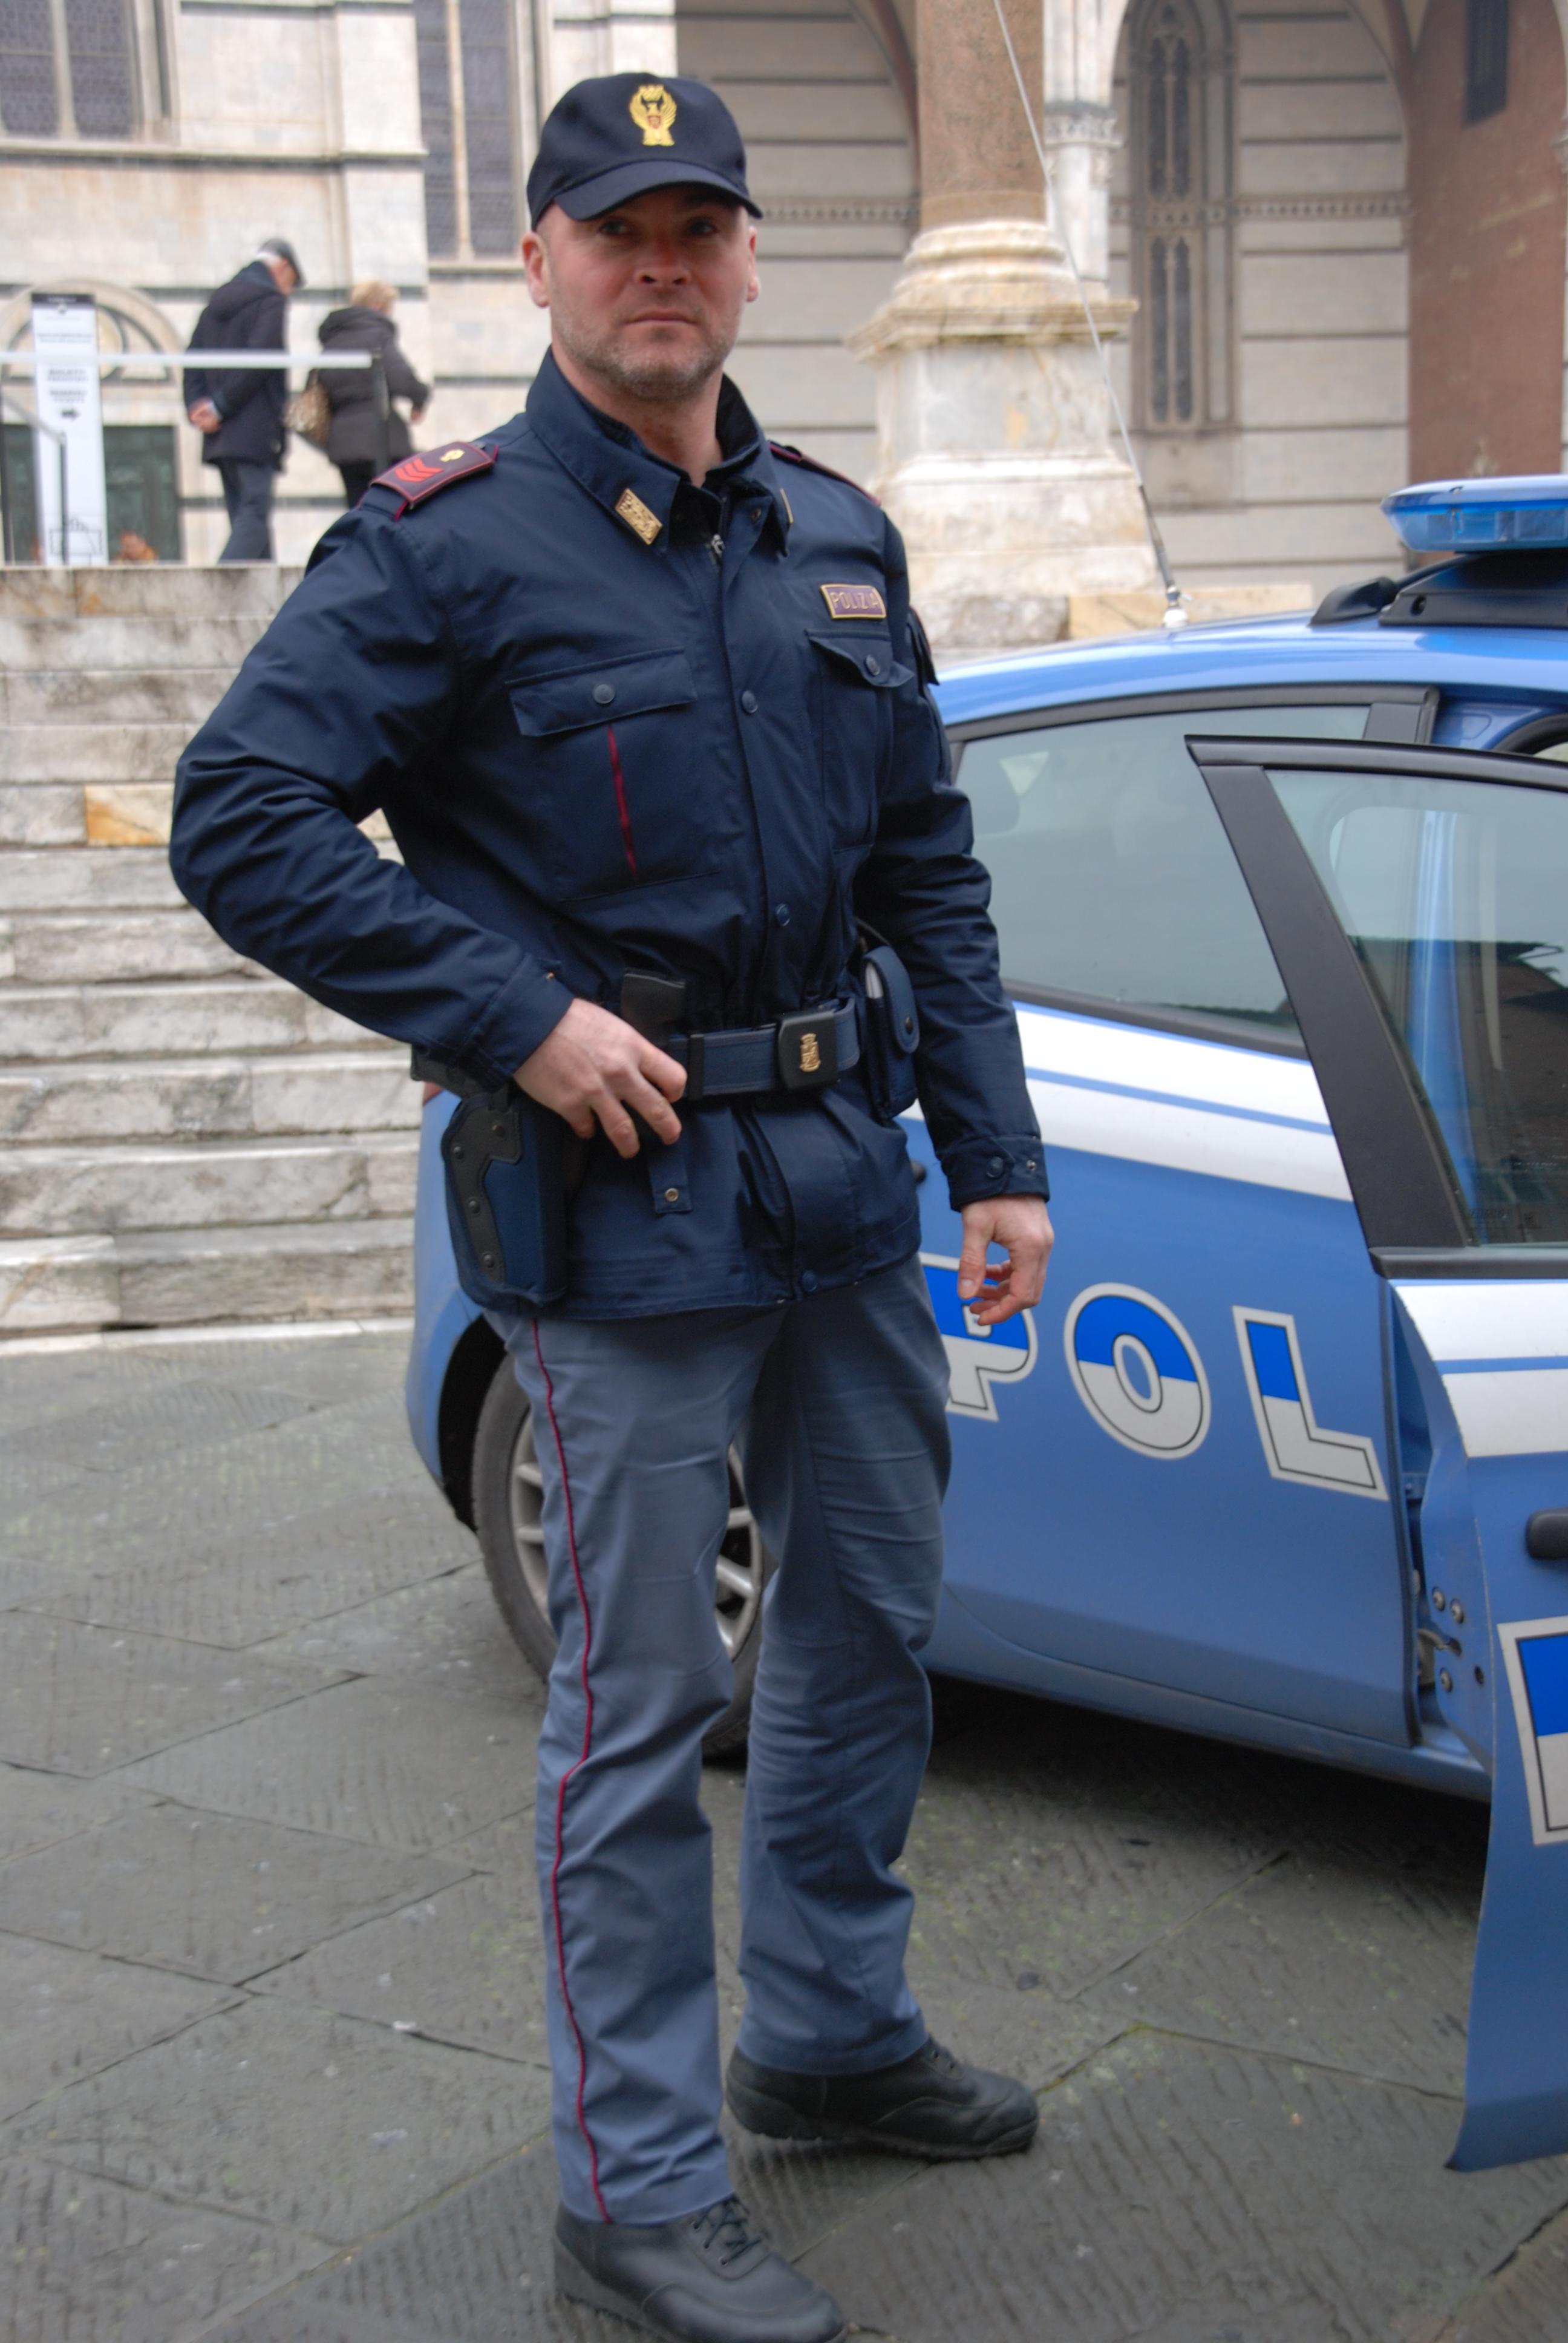 Polizia di stato questure sul web siena for Polizia di stato torino permesso di soggiorno